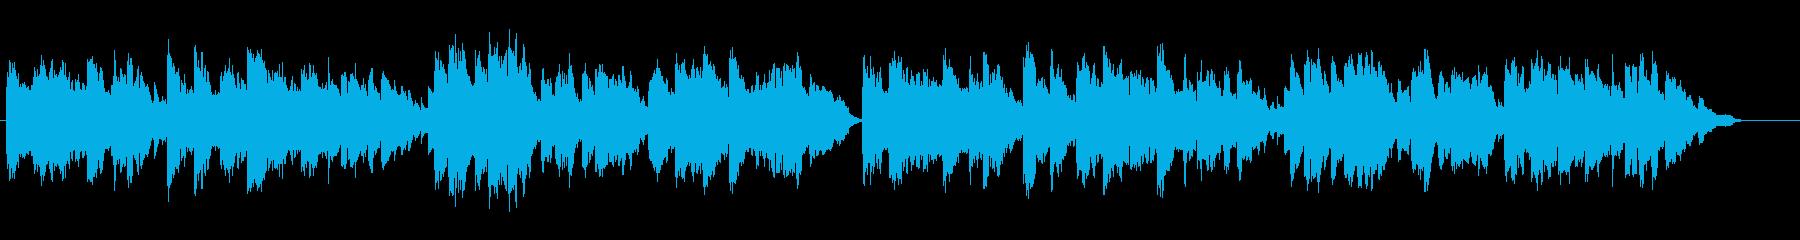 昔を語るような穏やかなクラシック民謡の再生済みの波形